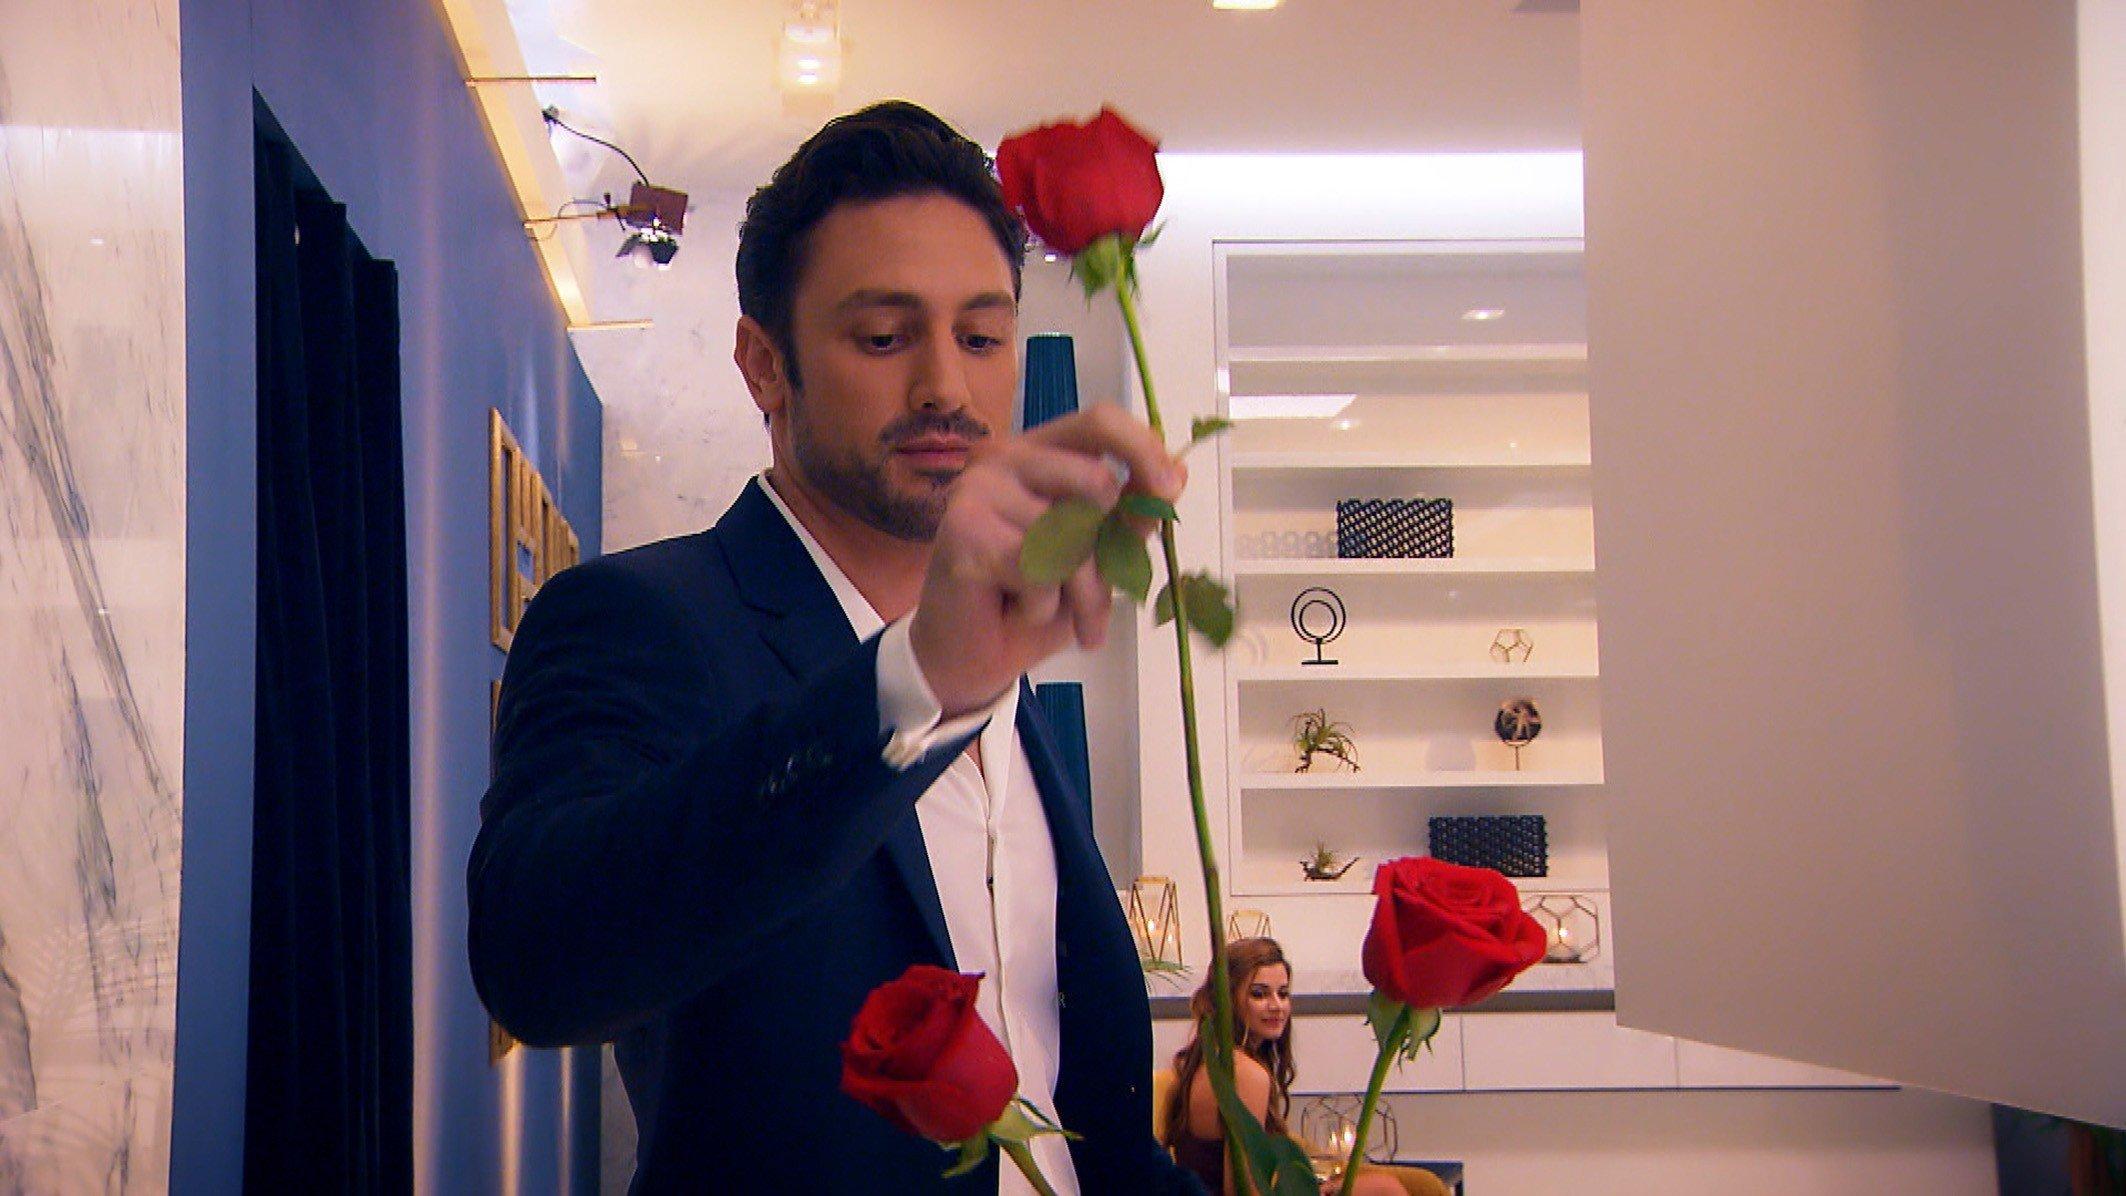 """Medienbericht zum """"Bachelor"""": """"Daniel wollte so häufig Sex, dass RTL eingreifen musste"""""""